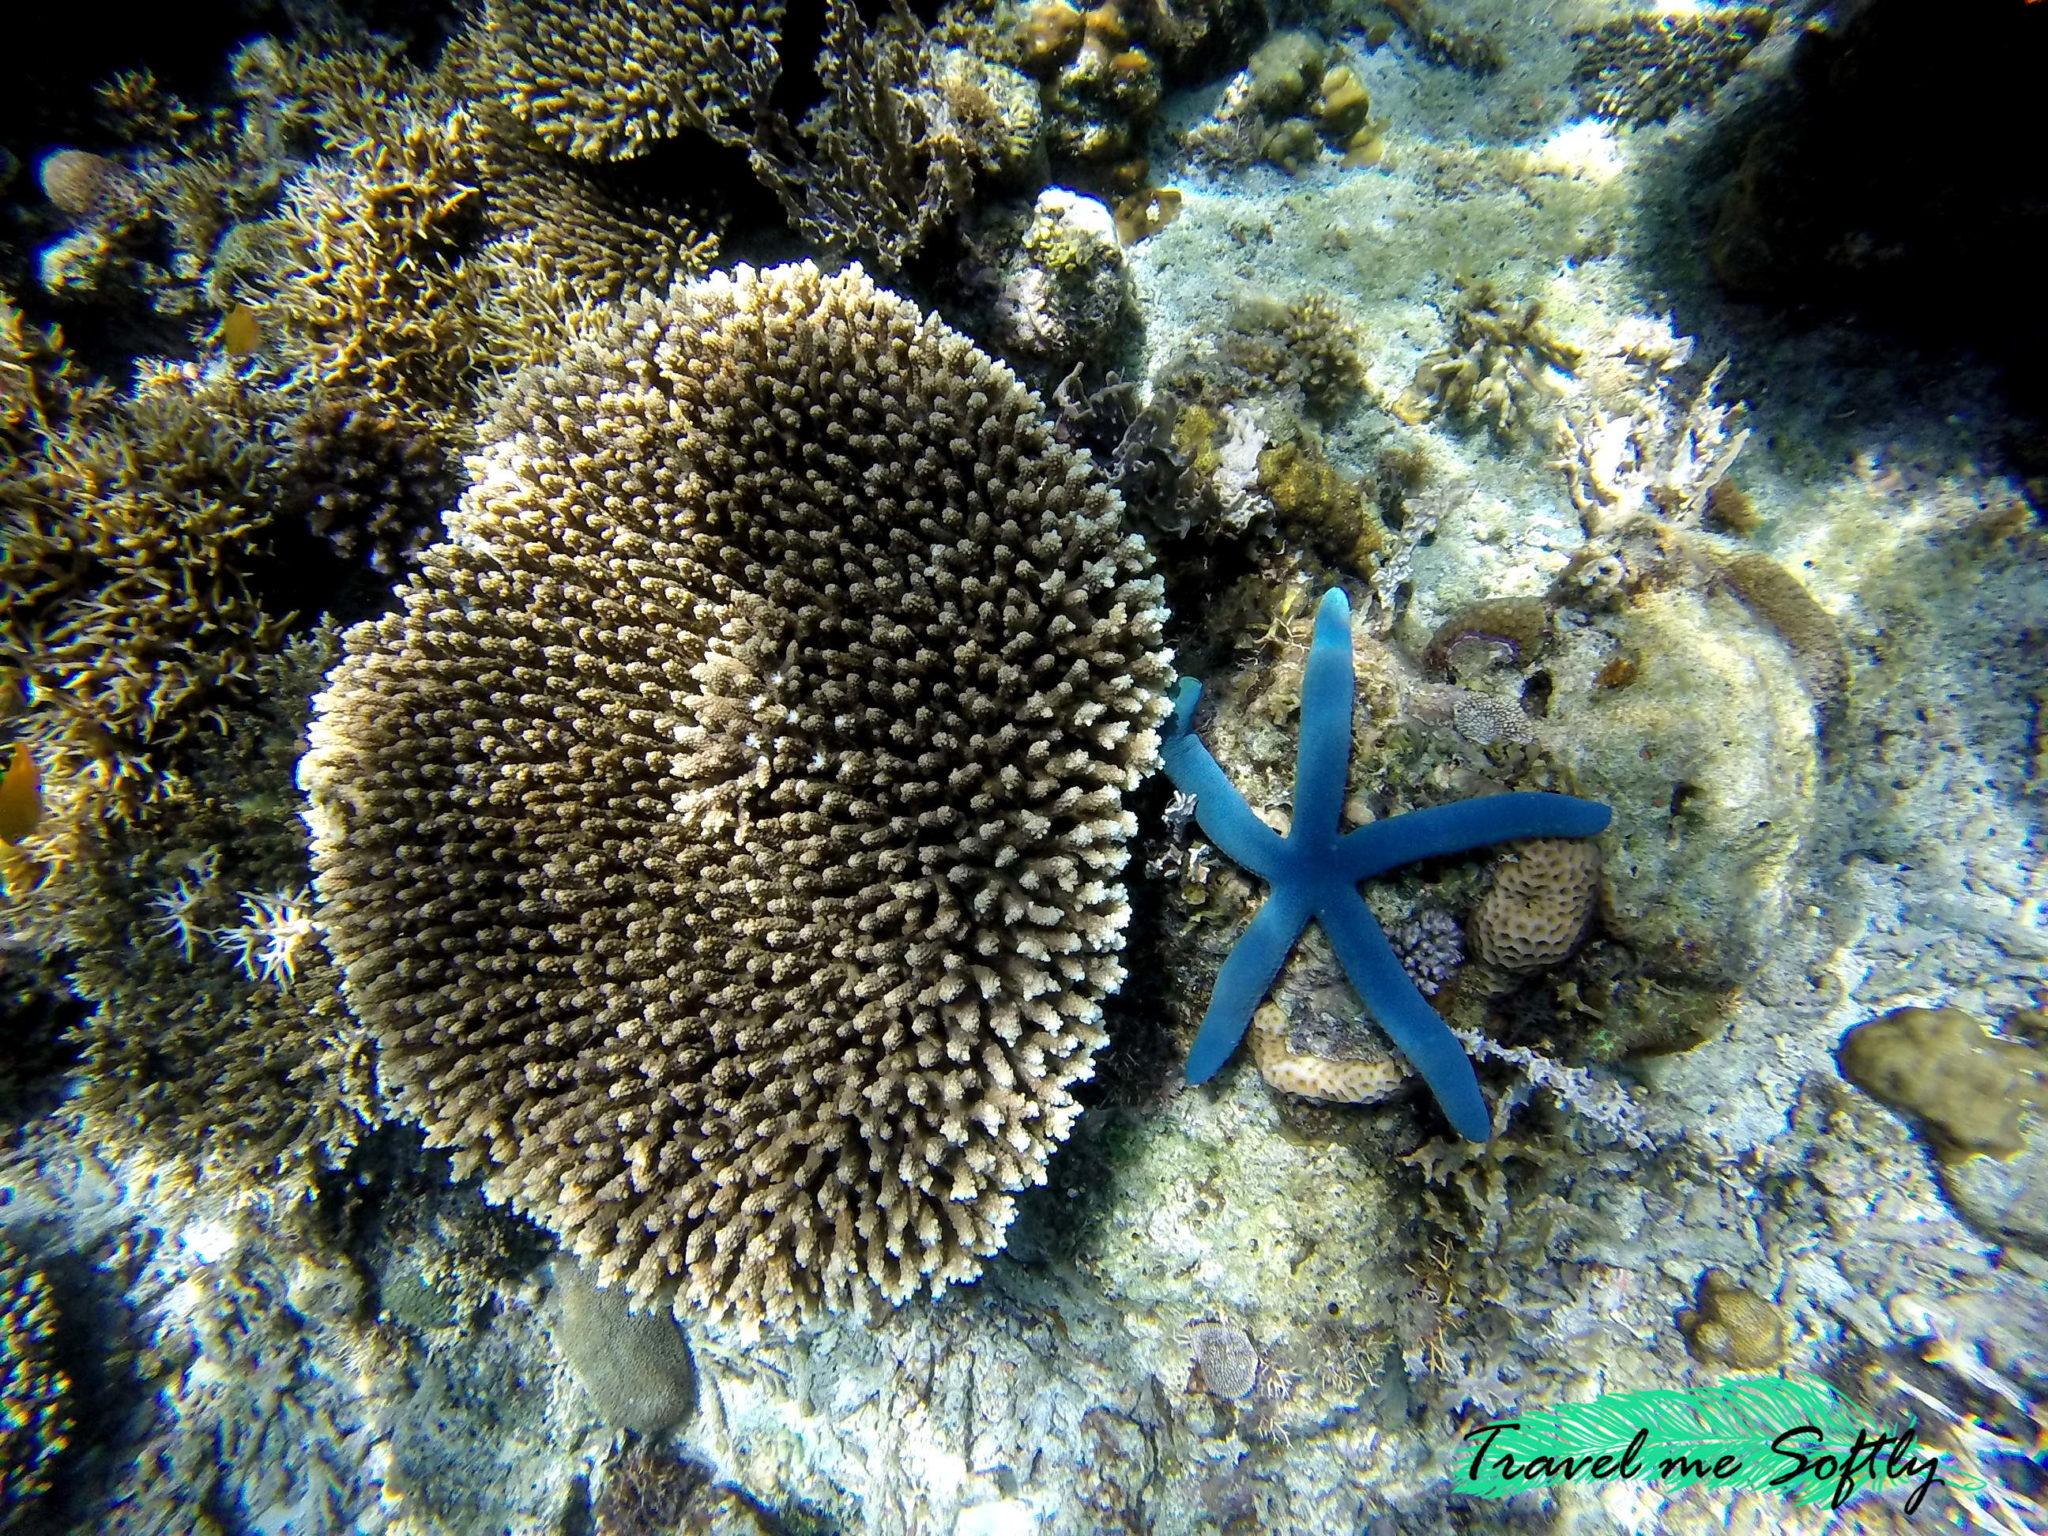 arrecifes de coral bucear en filipinas